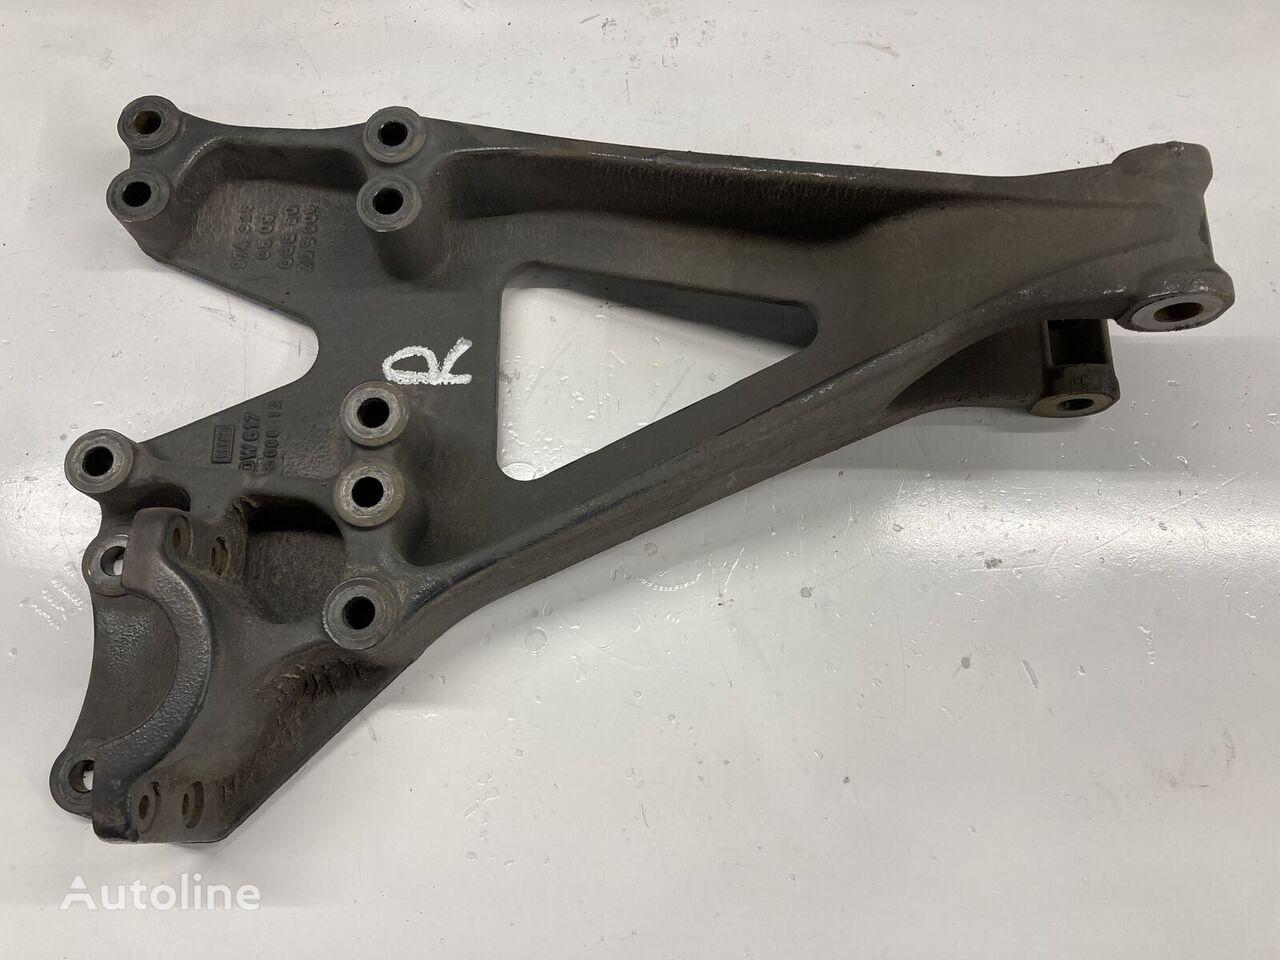 Steun rechts van achterasophanging fasteners for MERCEDES-BENZ Steun rechts van achterasophanging truck